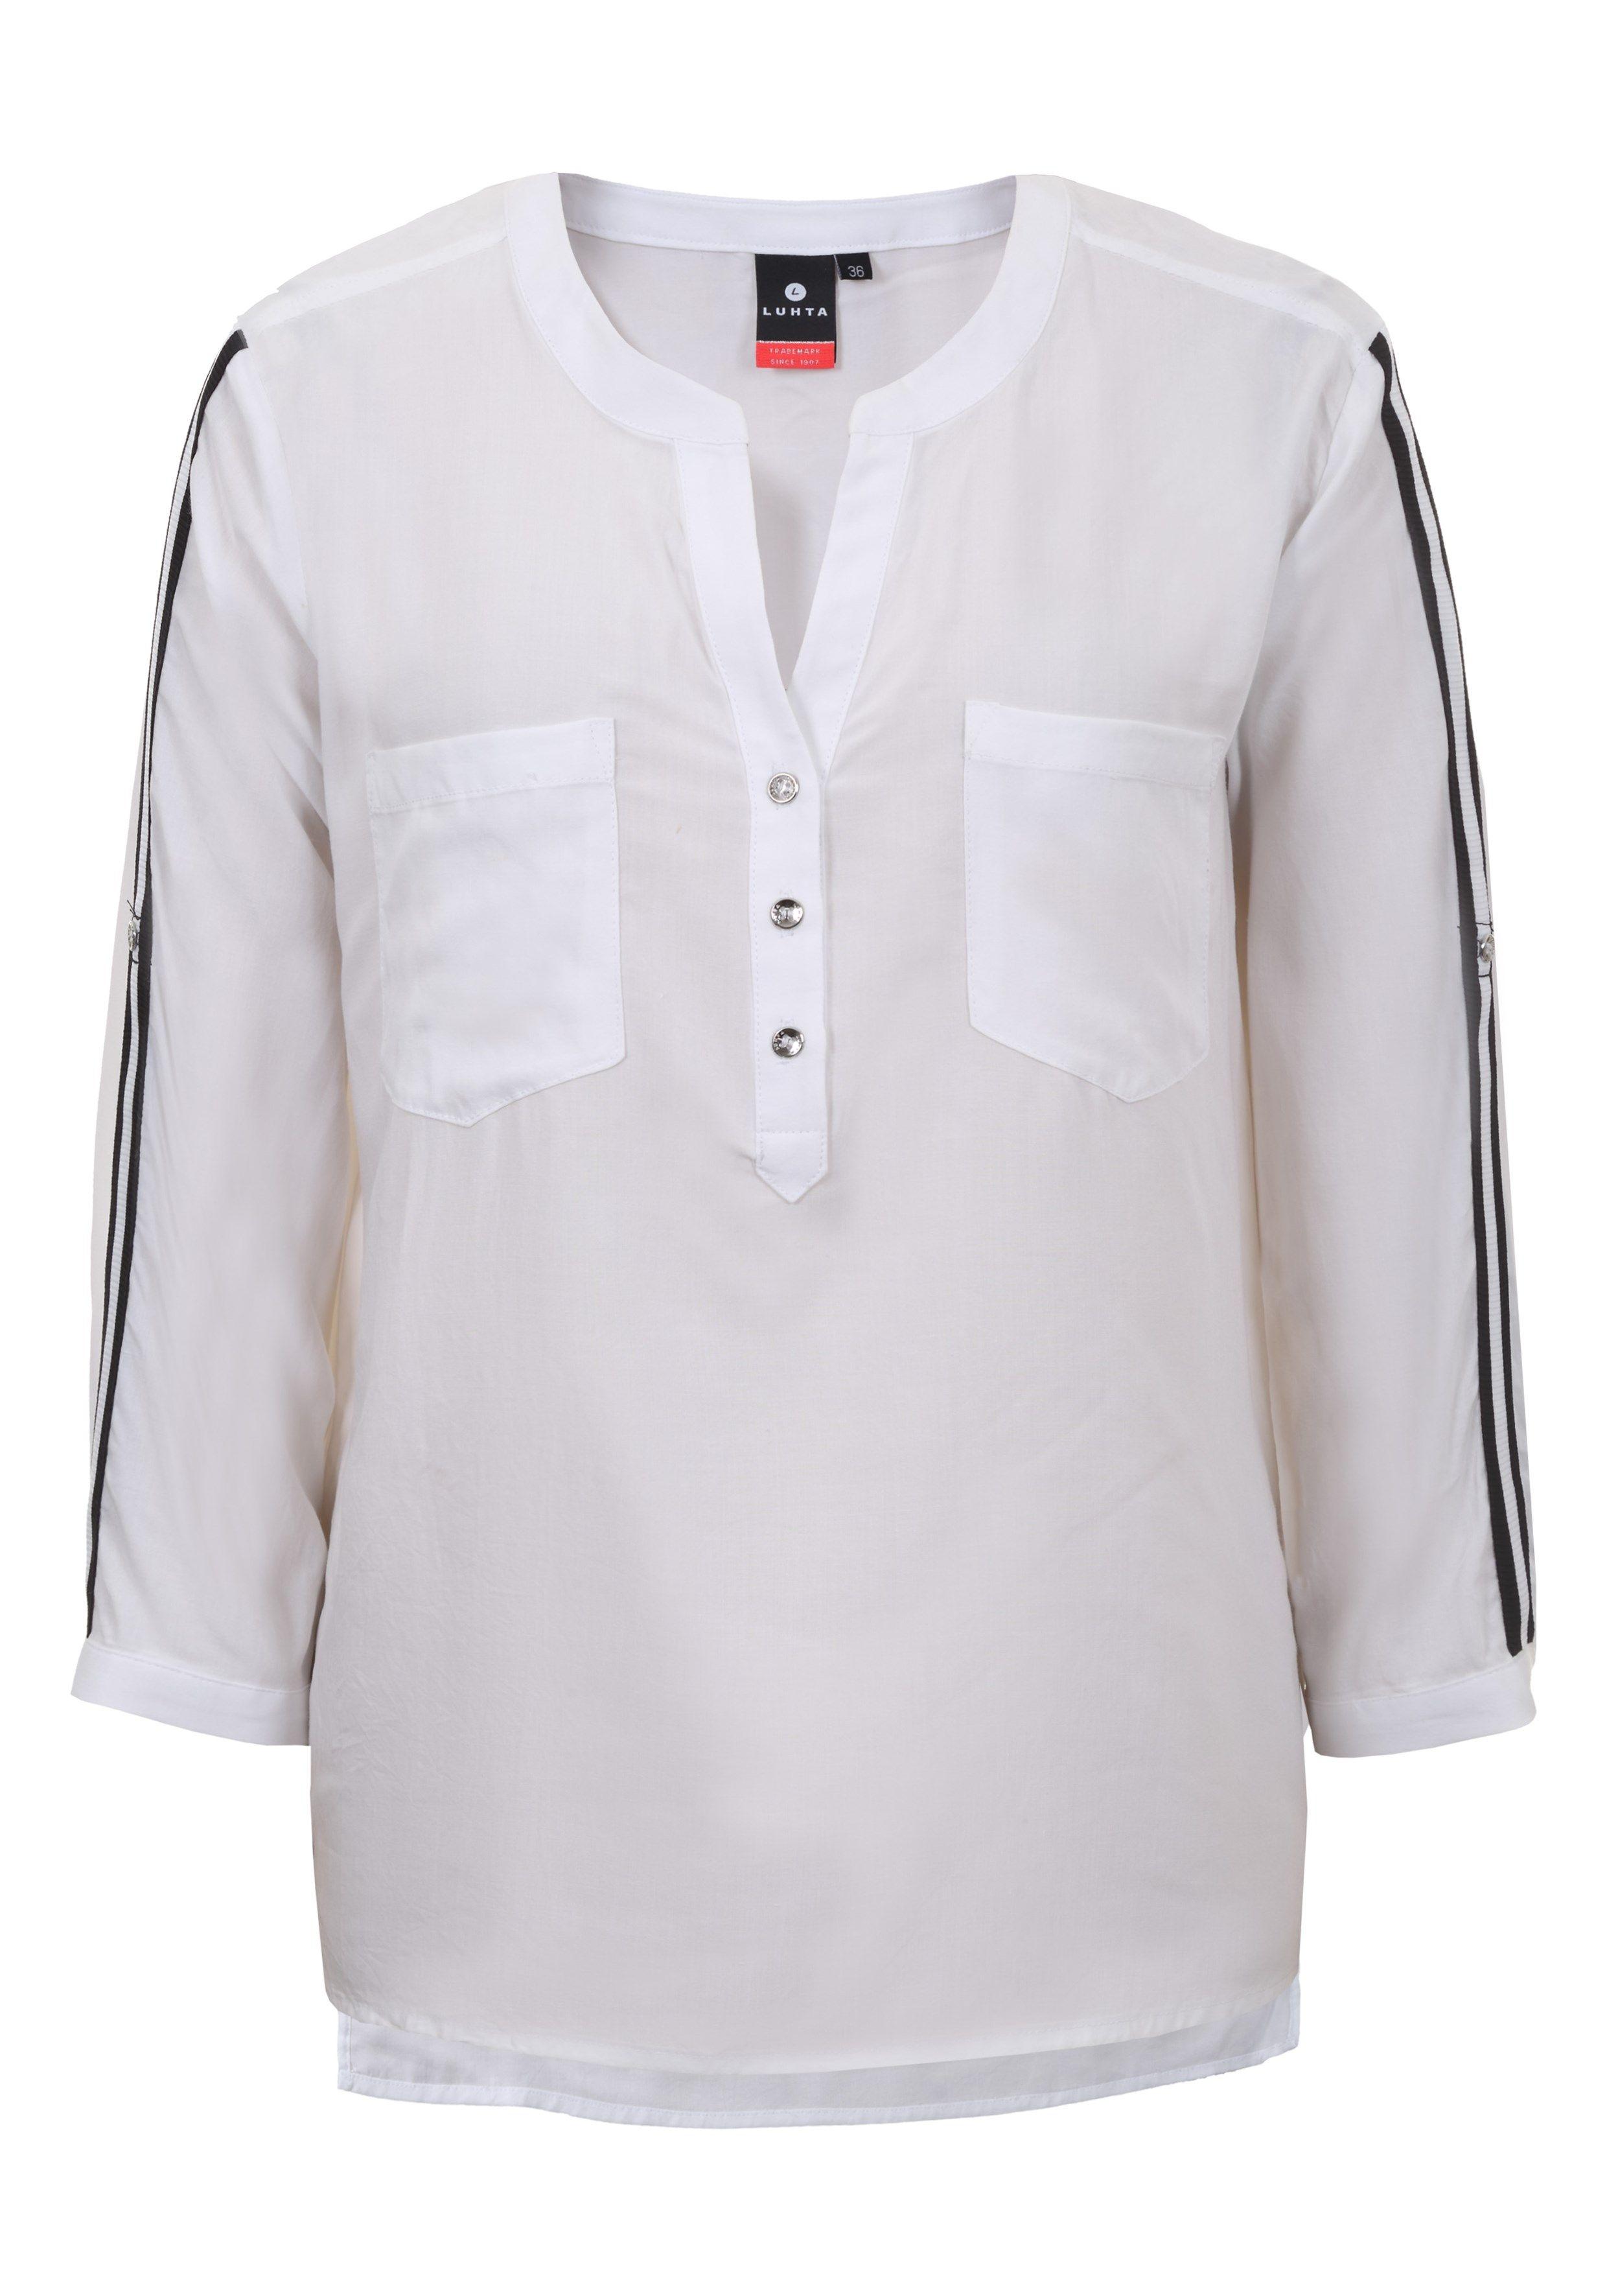 Luhta Damen Bluse ATTALA 535258 weiß